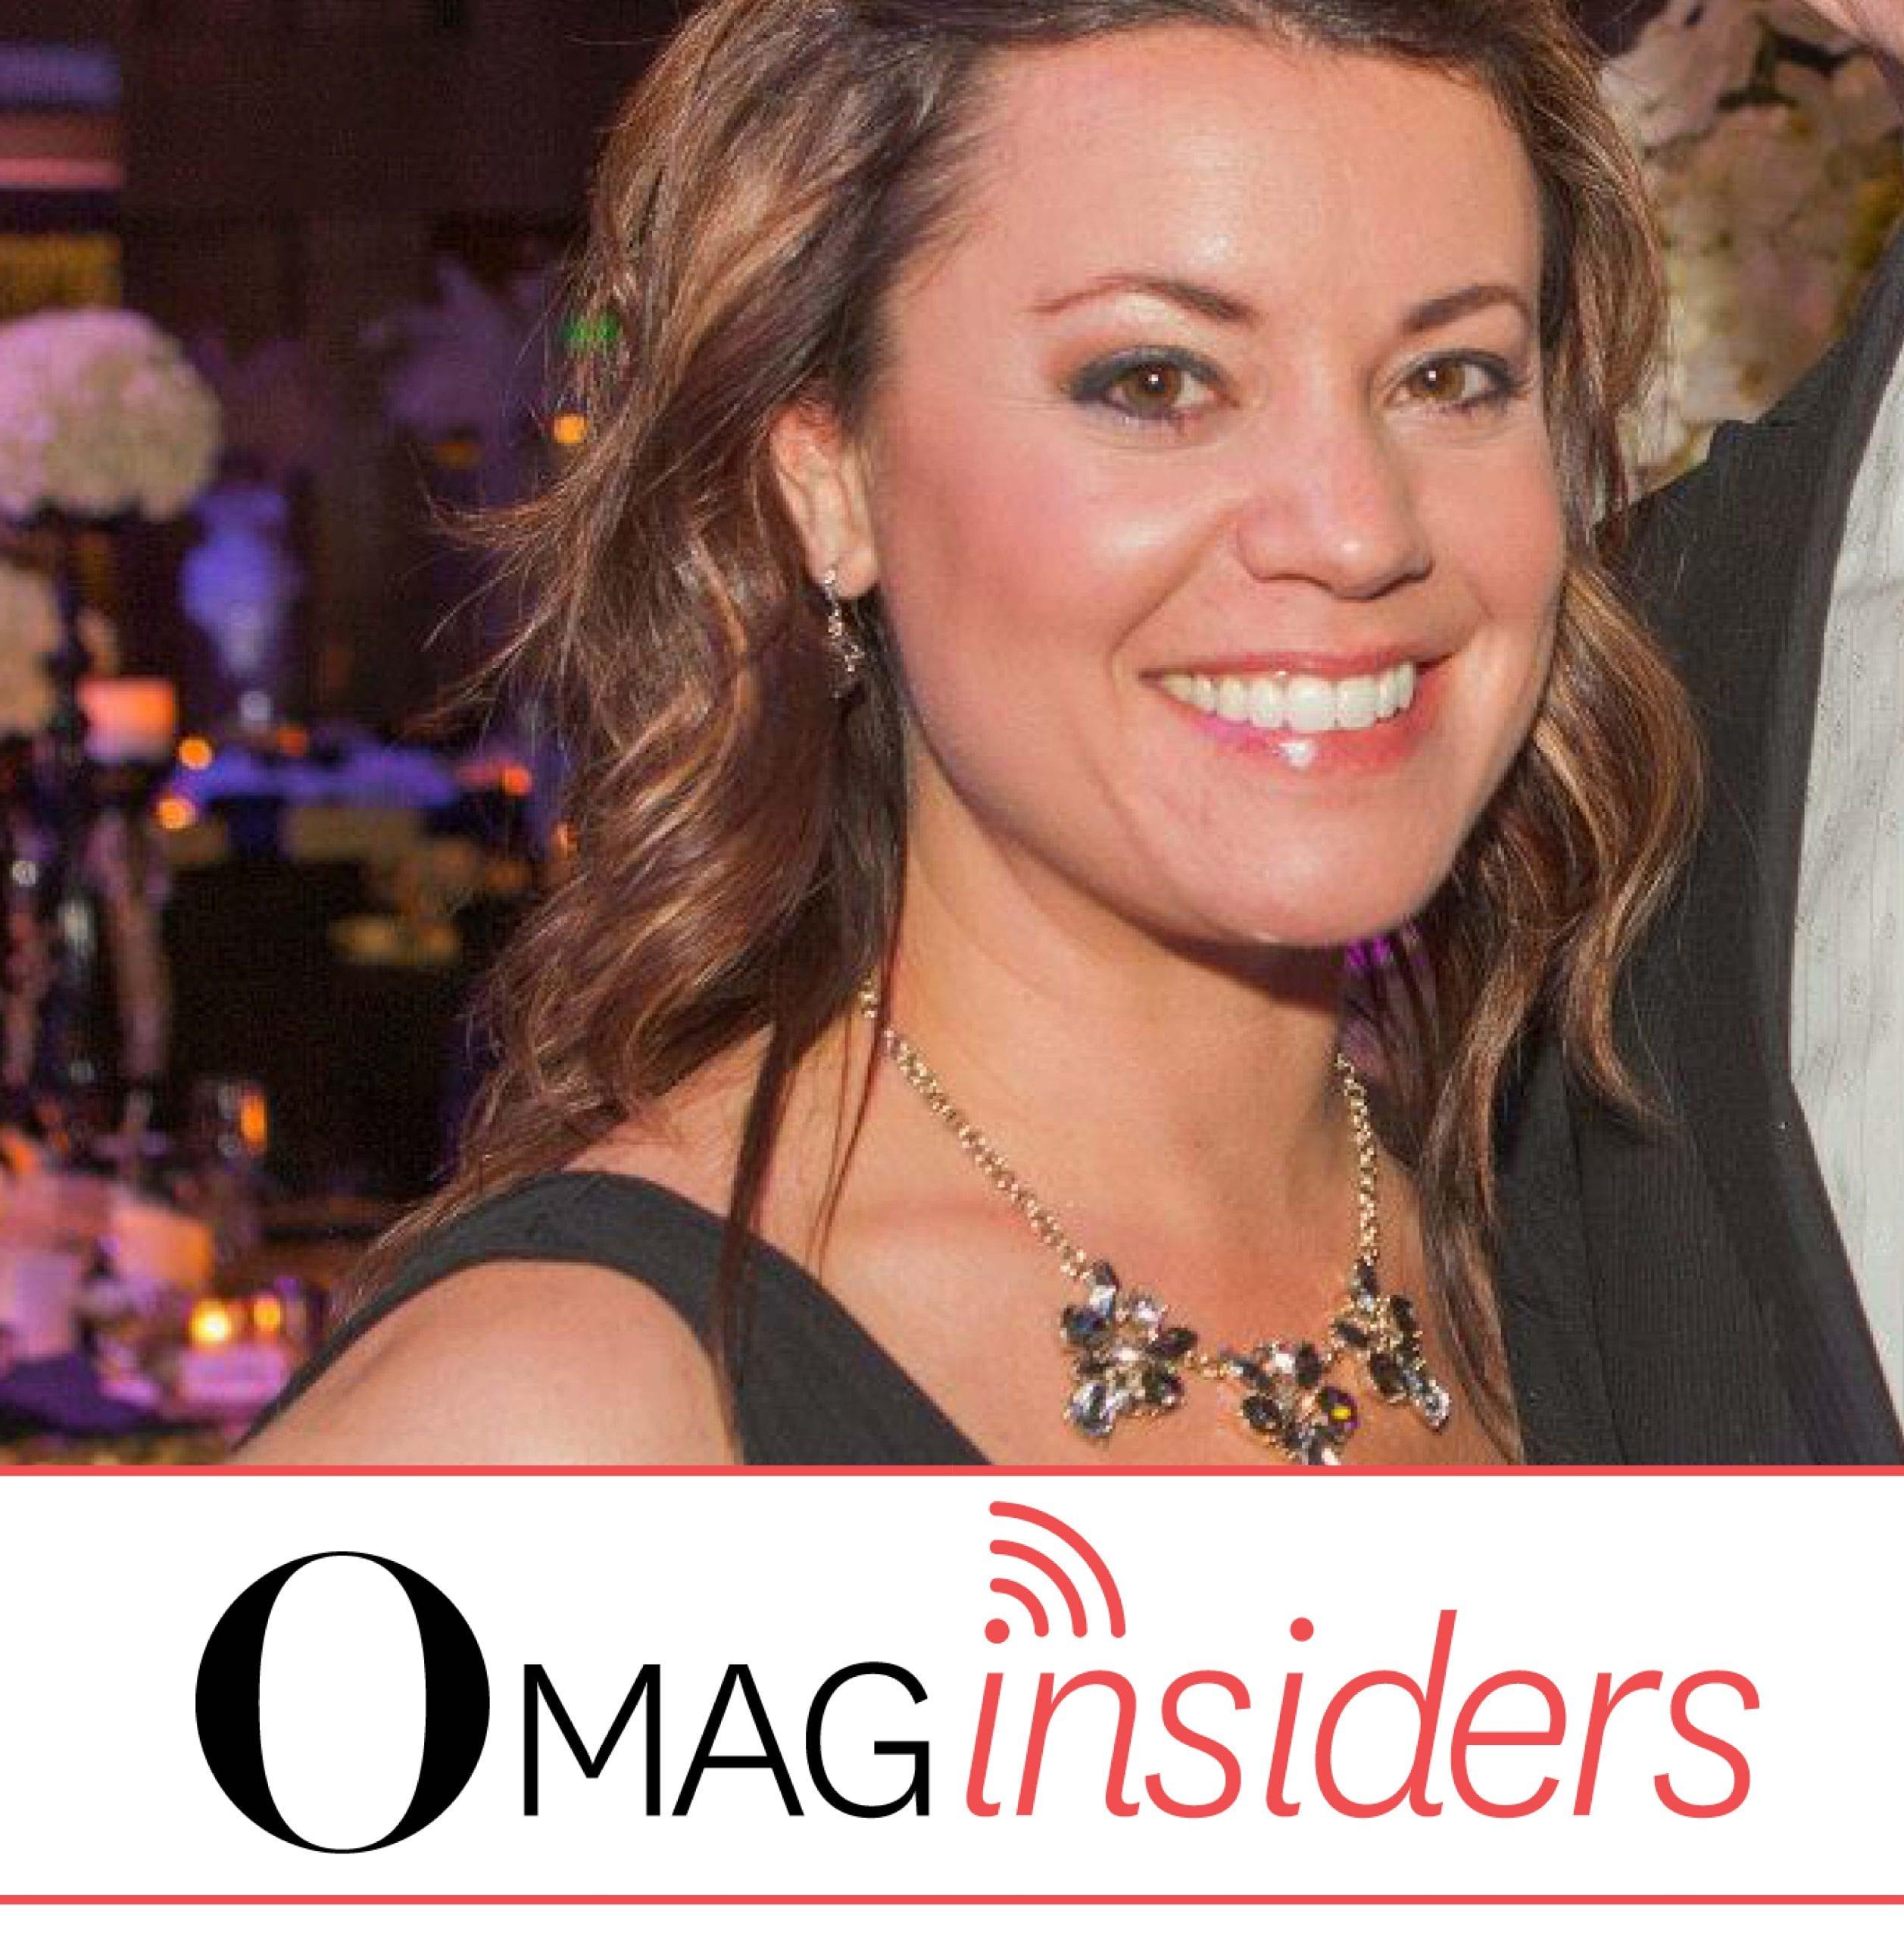 Maria Thomas, inaugural O Mag Insider